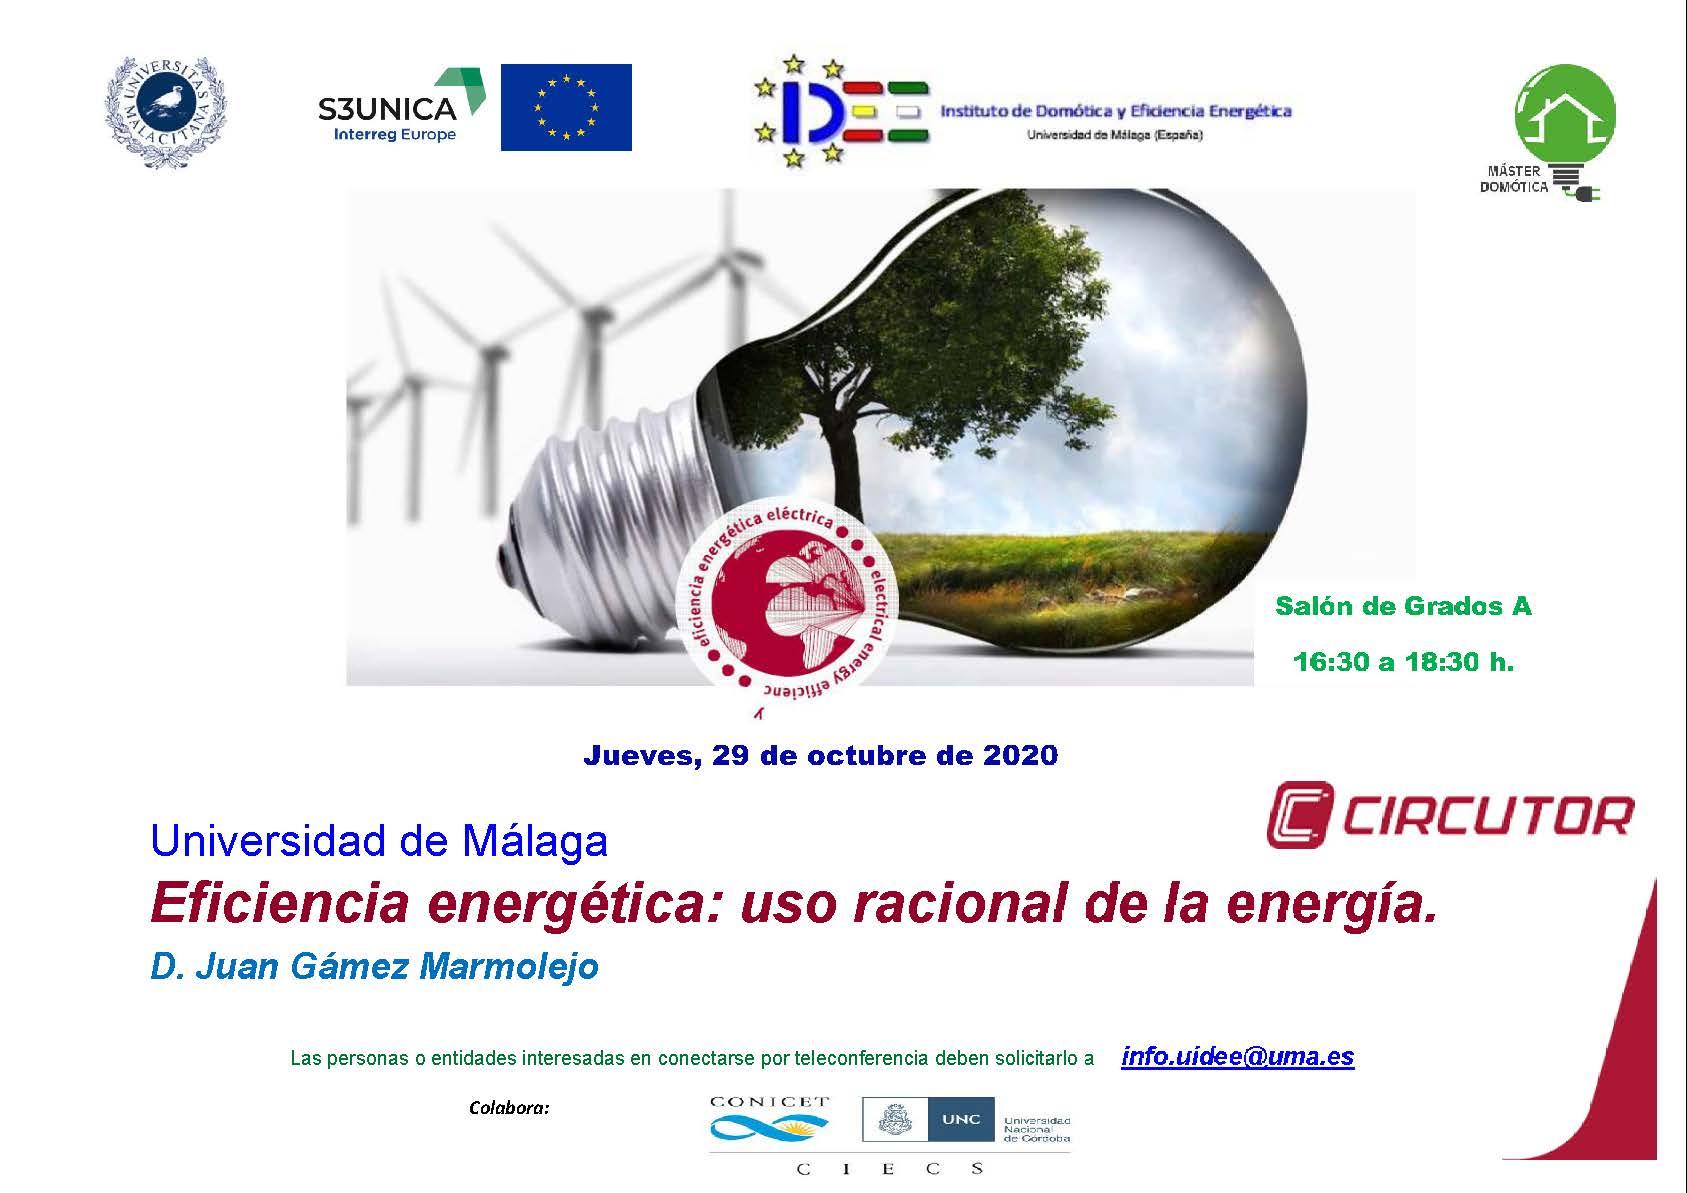 INVITACION UMA 29 DE OCTUBRE 2020 Eficiencia energética. Uso racional de la energía Circutor Europa.jpg